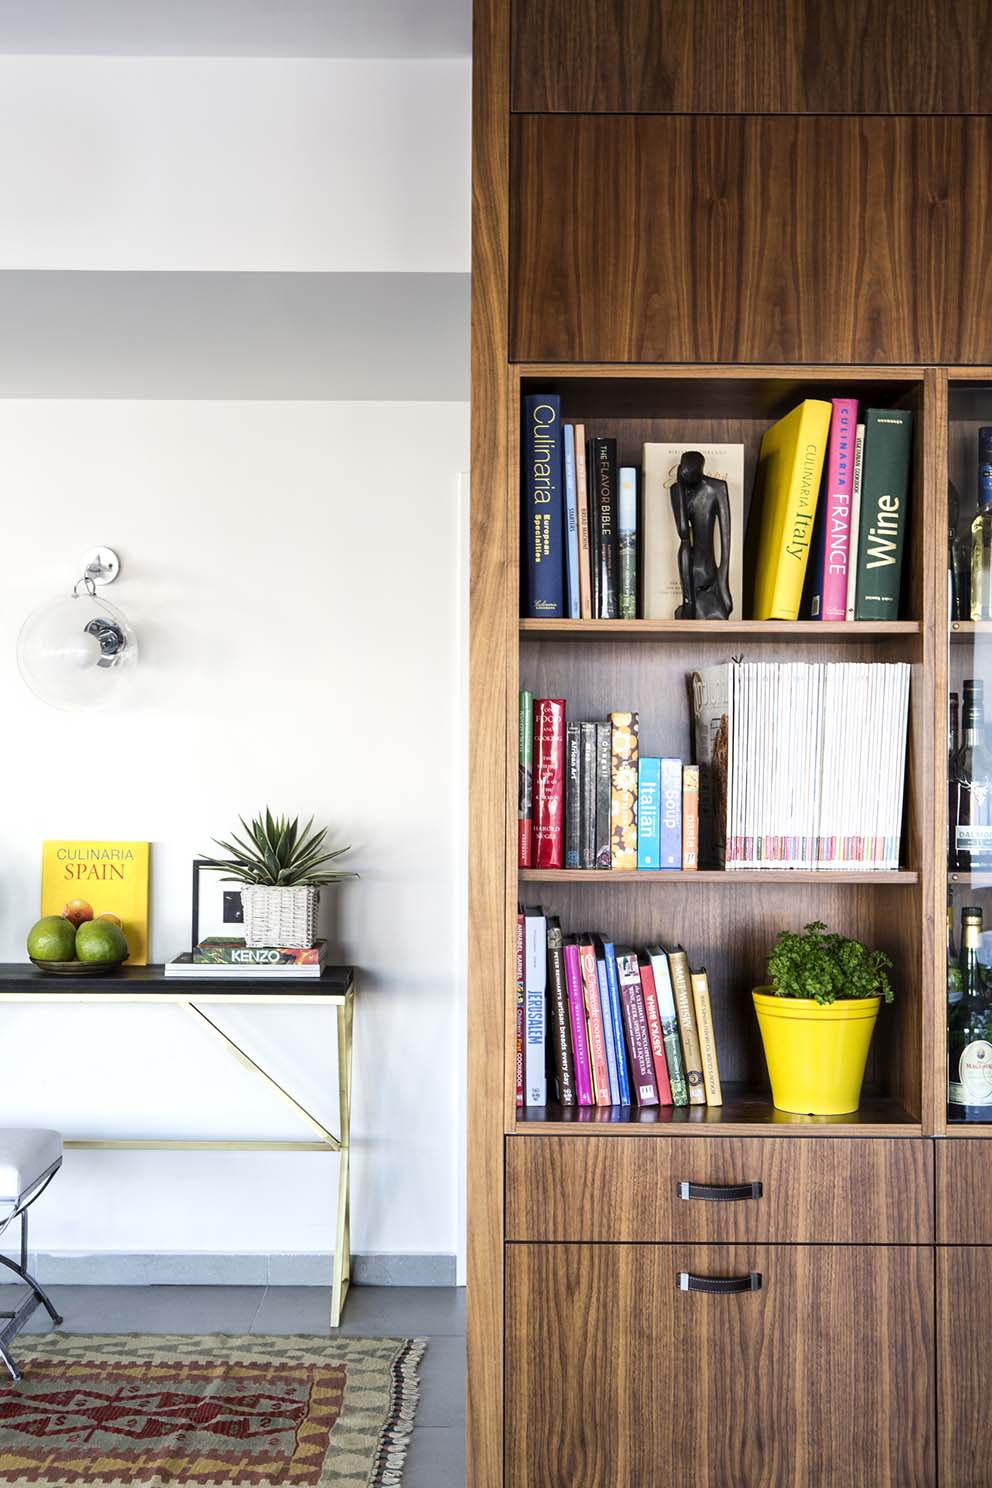 עיצוב: אלה צייחר, צילום: איתי בנית, סטיילינג:יעל קטורזה, www.pnim.co.il